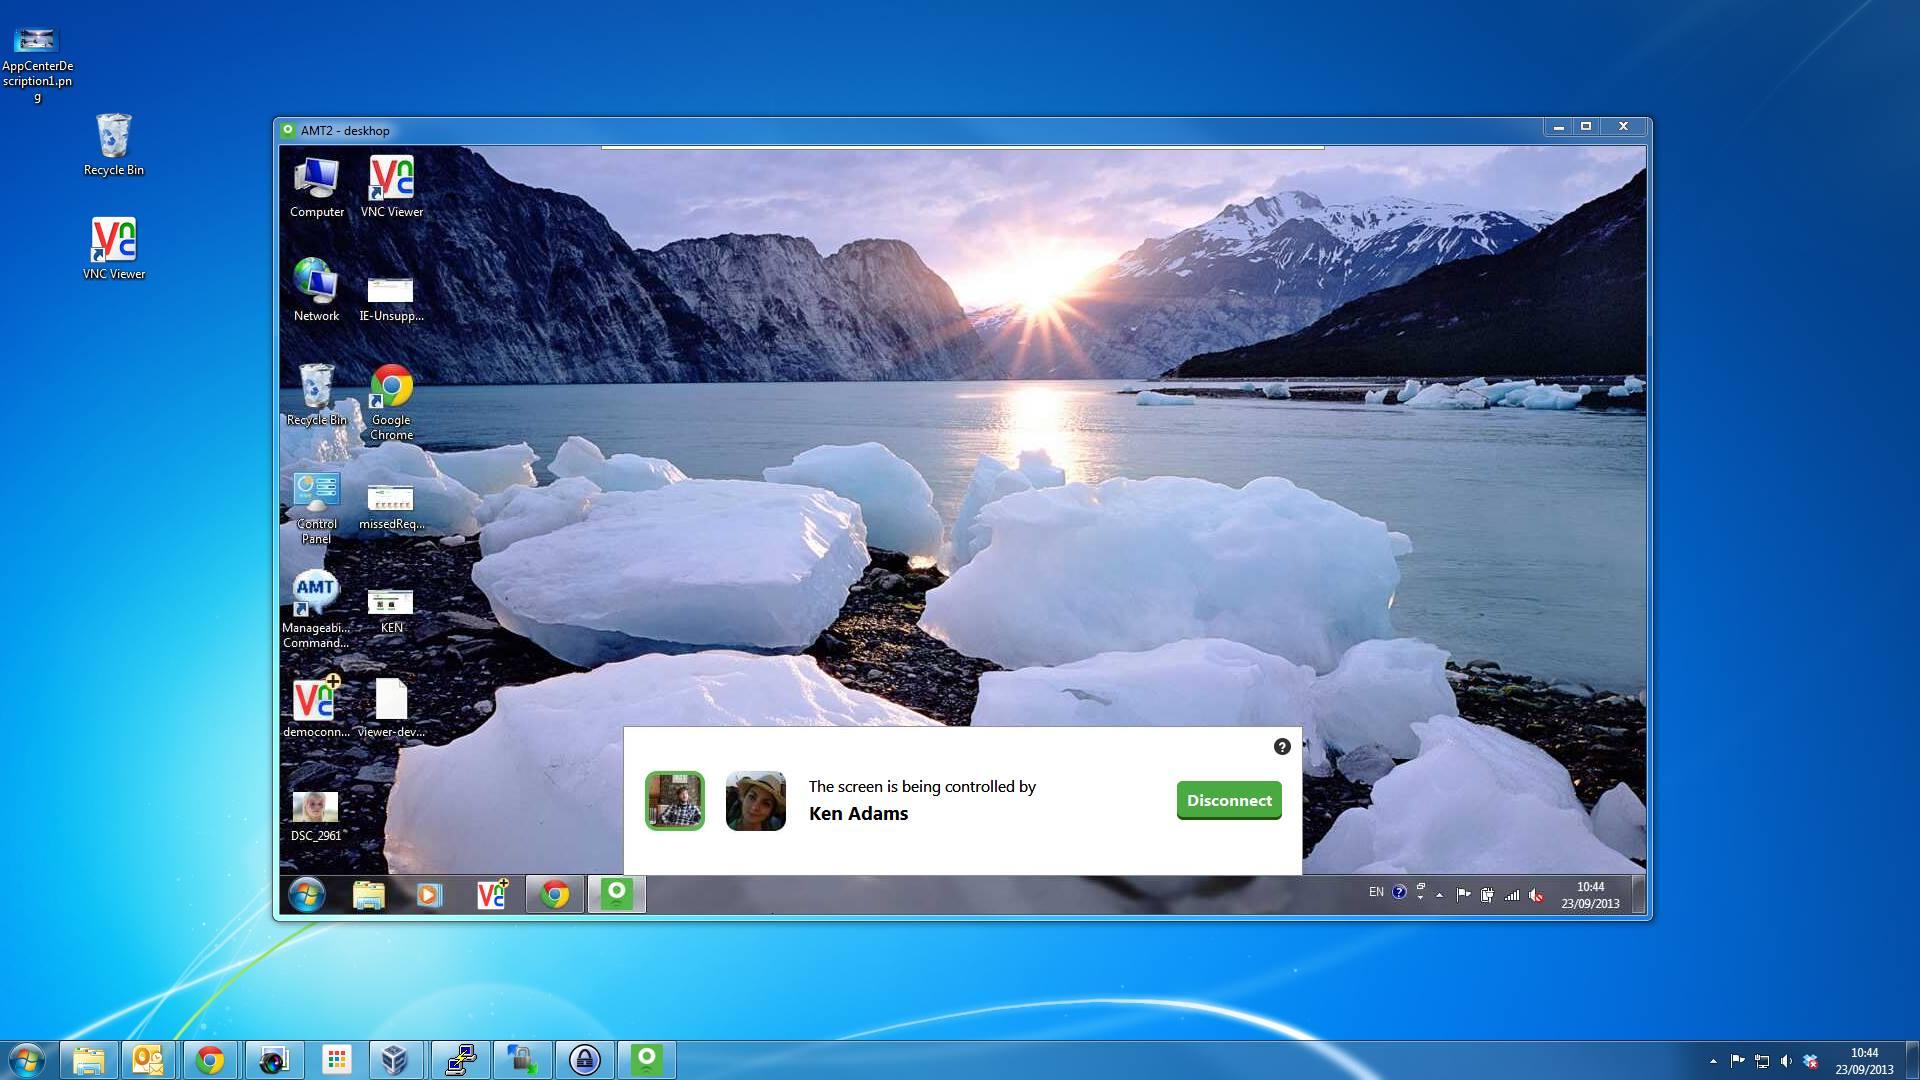 Facebook permite que usuário compartilhem telas do PC com o app Deskhop (Foto: Reprodução/Deskhop)